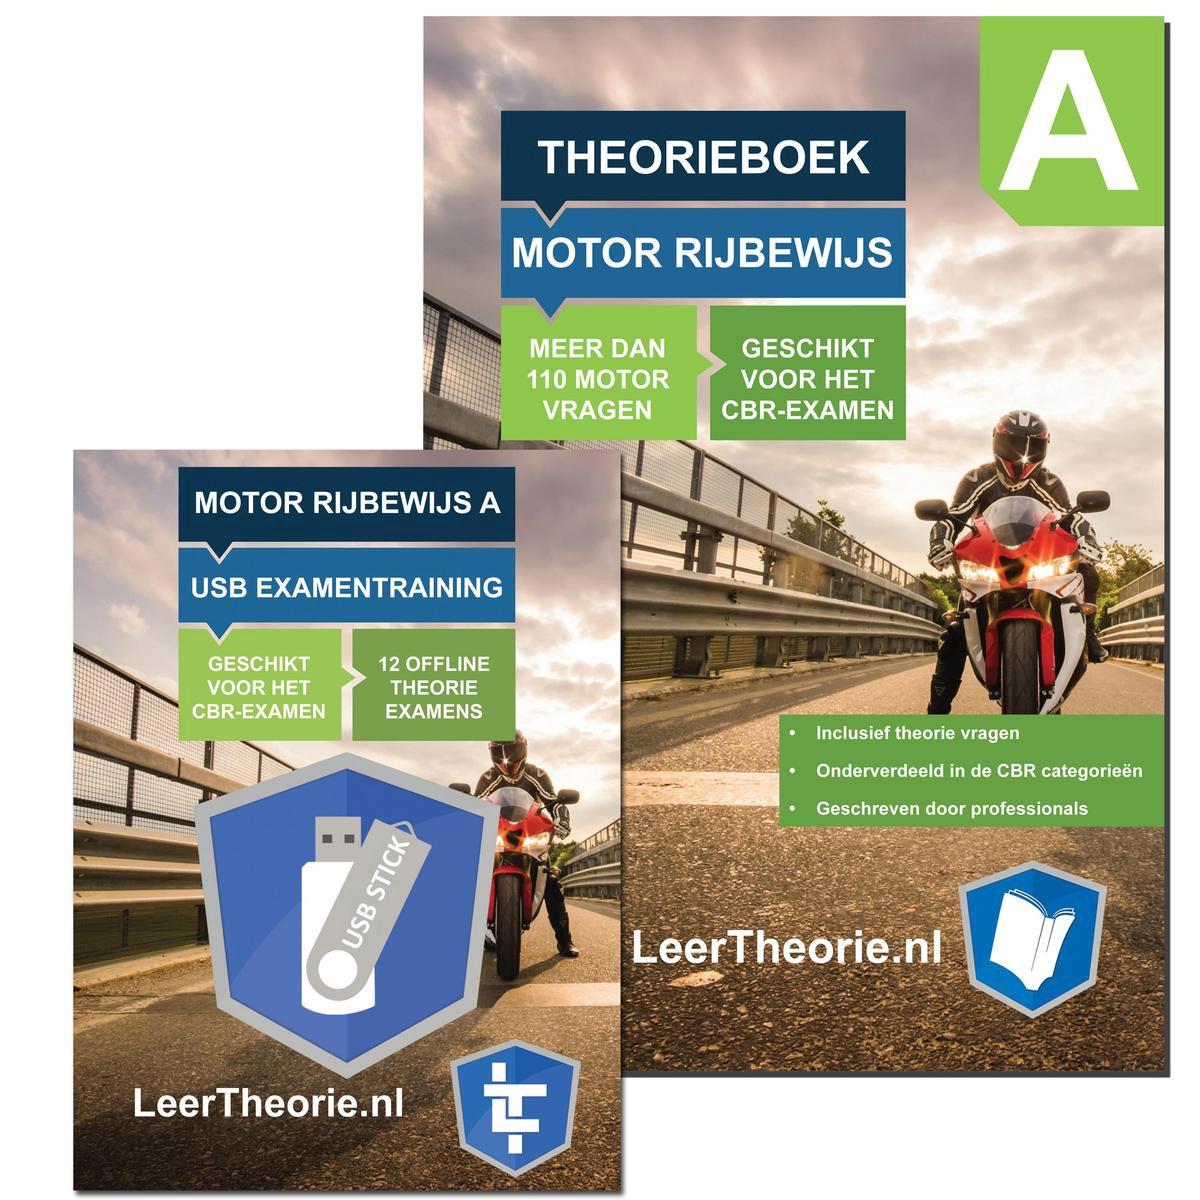 MotorTheorieboek 2021 - Rijbewijs A + USB Examentrainer - MotorTheorie Boek Leren